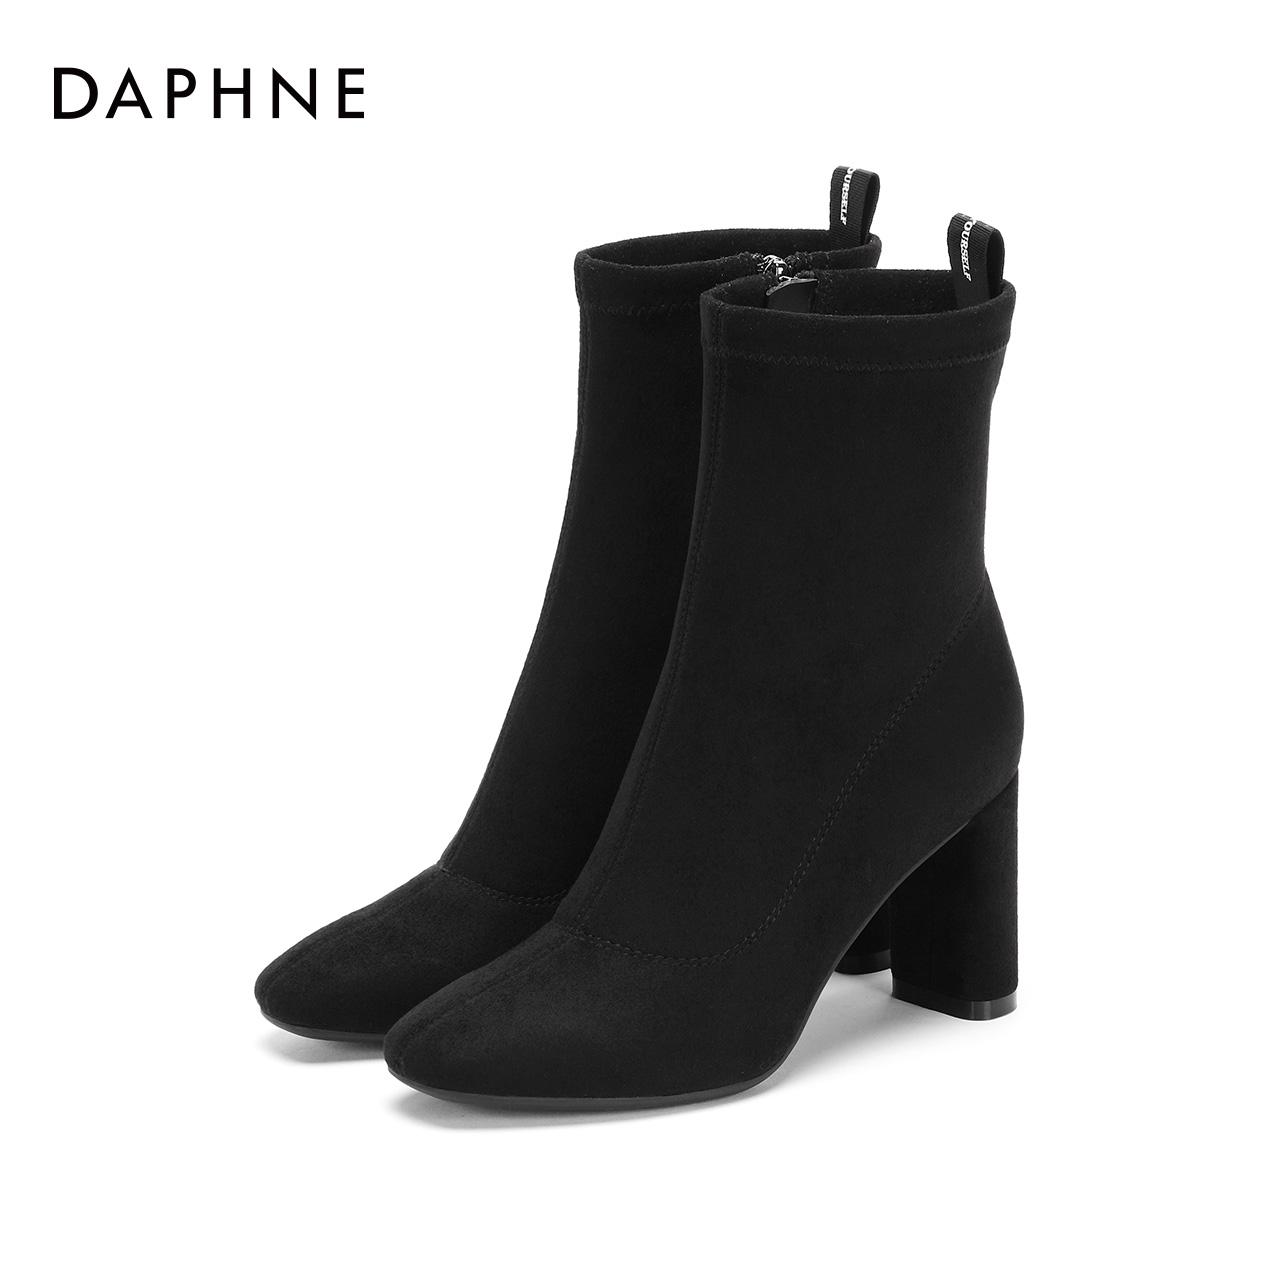 冬新款复古方头简约纯色优雅气质高跟弹力靴女 2018 达芙妮 Daphne